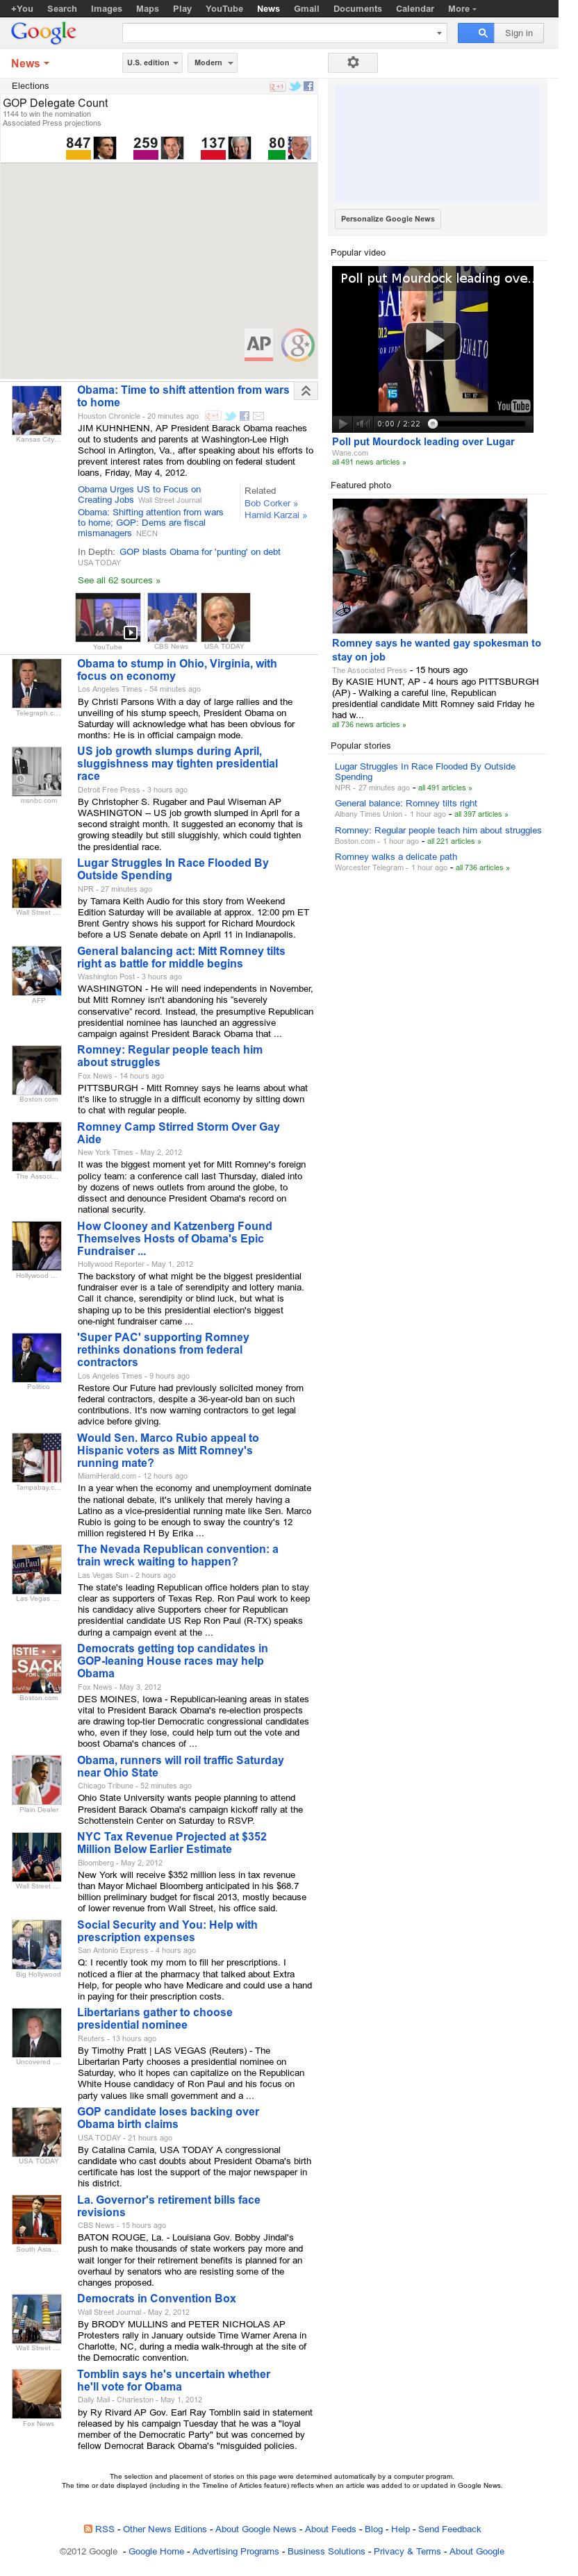 Google News: Elections at Saturday May 5, 2012, 11:05 a.m. UTC